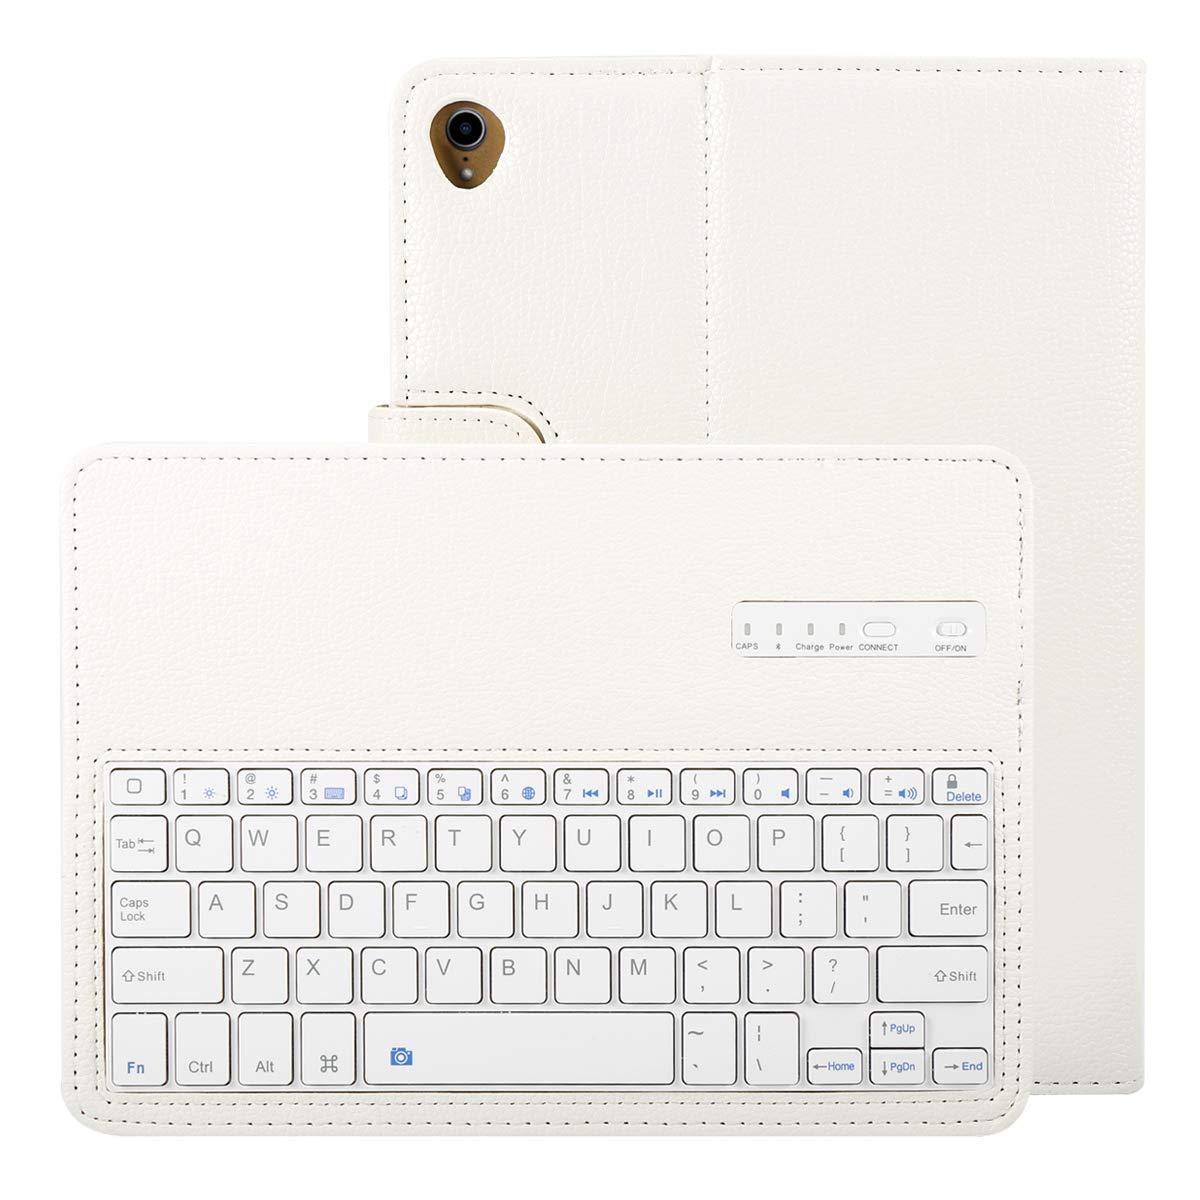 【人気商品!】 Happon ホワイト ホワイト, iPad Pro 11インチ2018ケースセット 取り外し可能なワイヤレスUSAキーボードタブレットプロテクターケース 2018用 フリップ耐衝撃性 フルプロテクション iPad Pro 11インチ 2018用 ブラック, ホワイト, 06FH-T8-307 ホワイト B07KTZGQTN, アクセサリーパーツ コモレビスタ:43e84b1d --- a0267596.xsph.ru